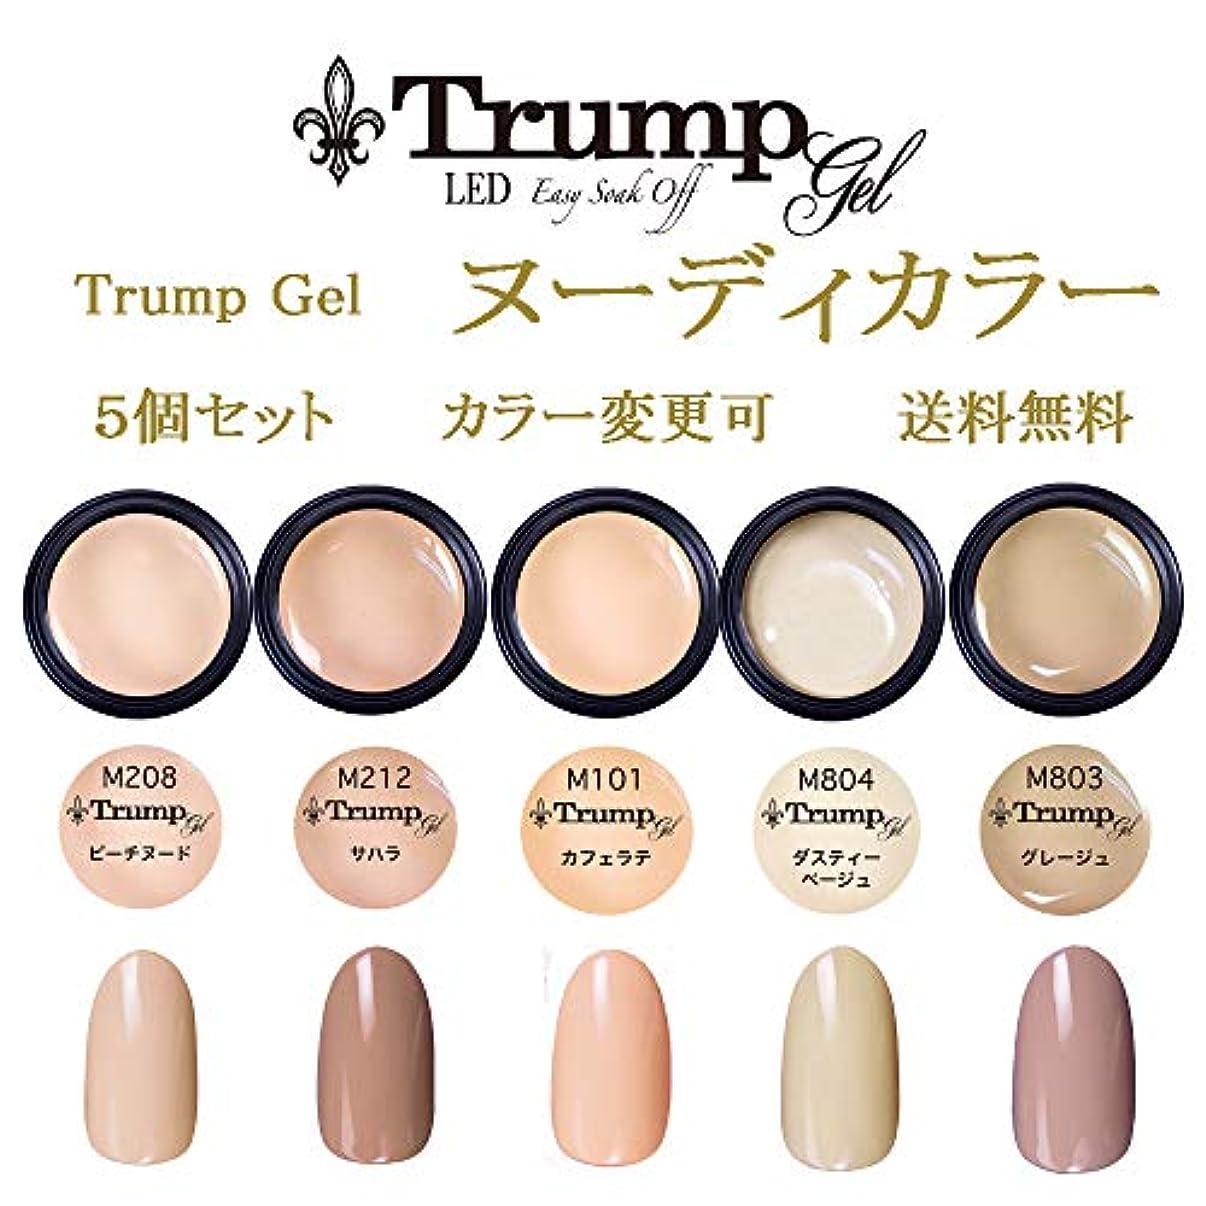 幻滅する魔術反論日本製 Trump gel トランプジェル ヌーディカラー 選べる カラージェル 5個セット ベージュ ブラウン ピンク